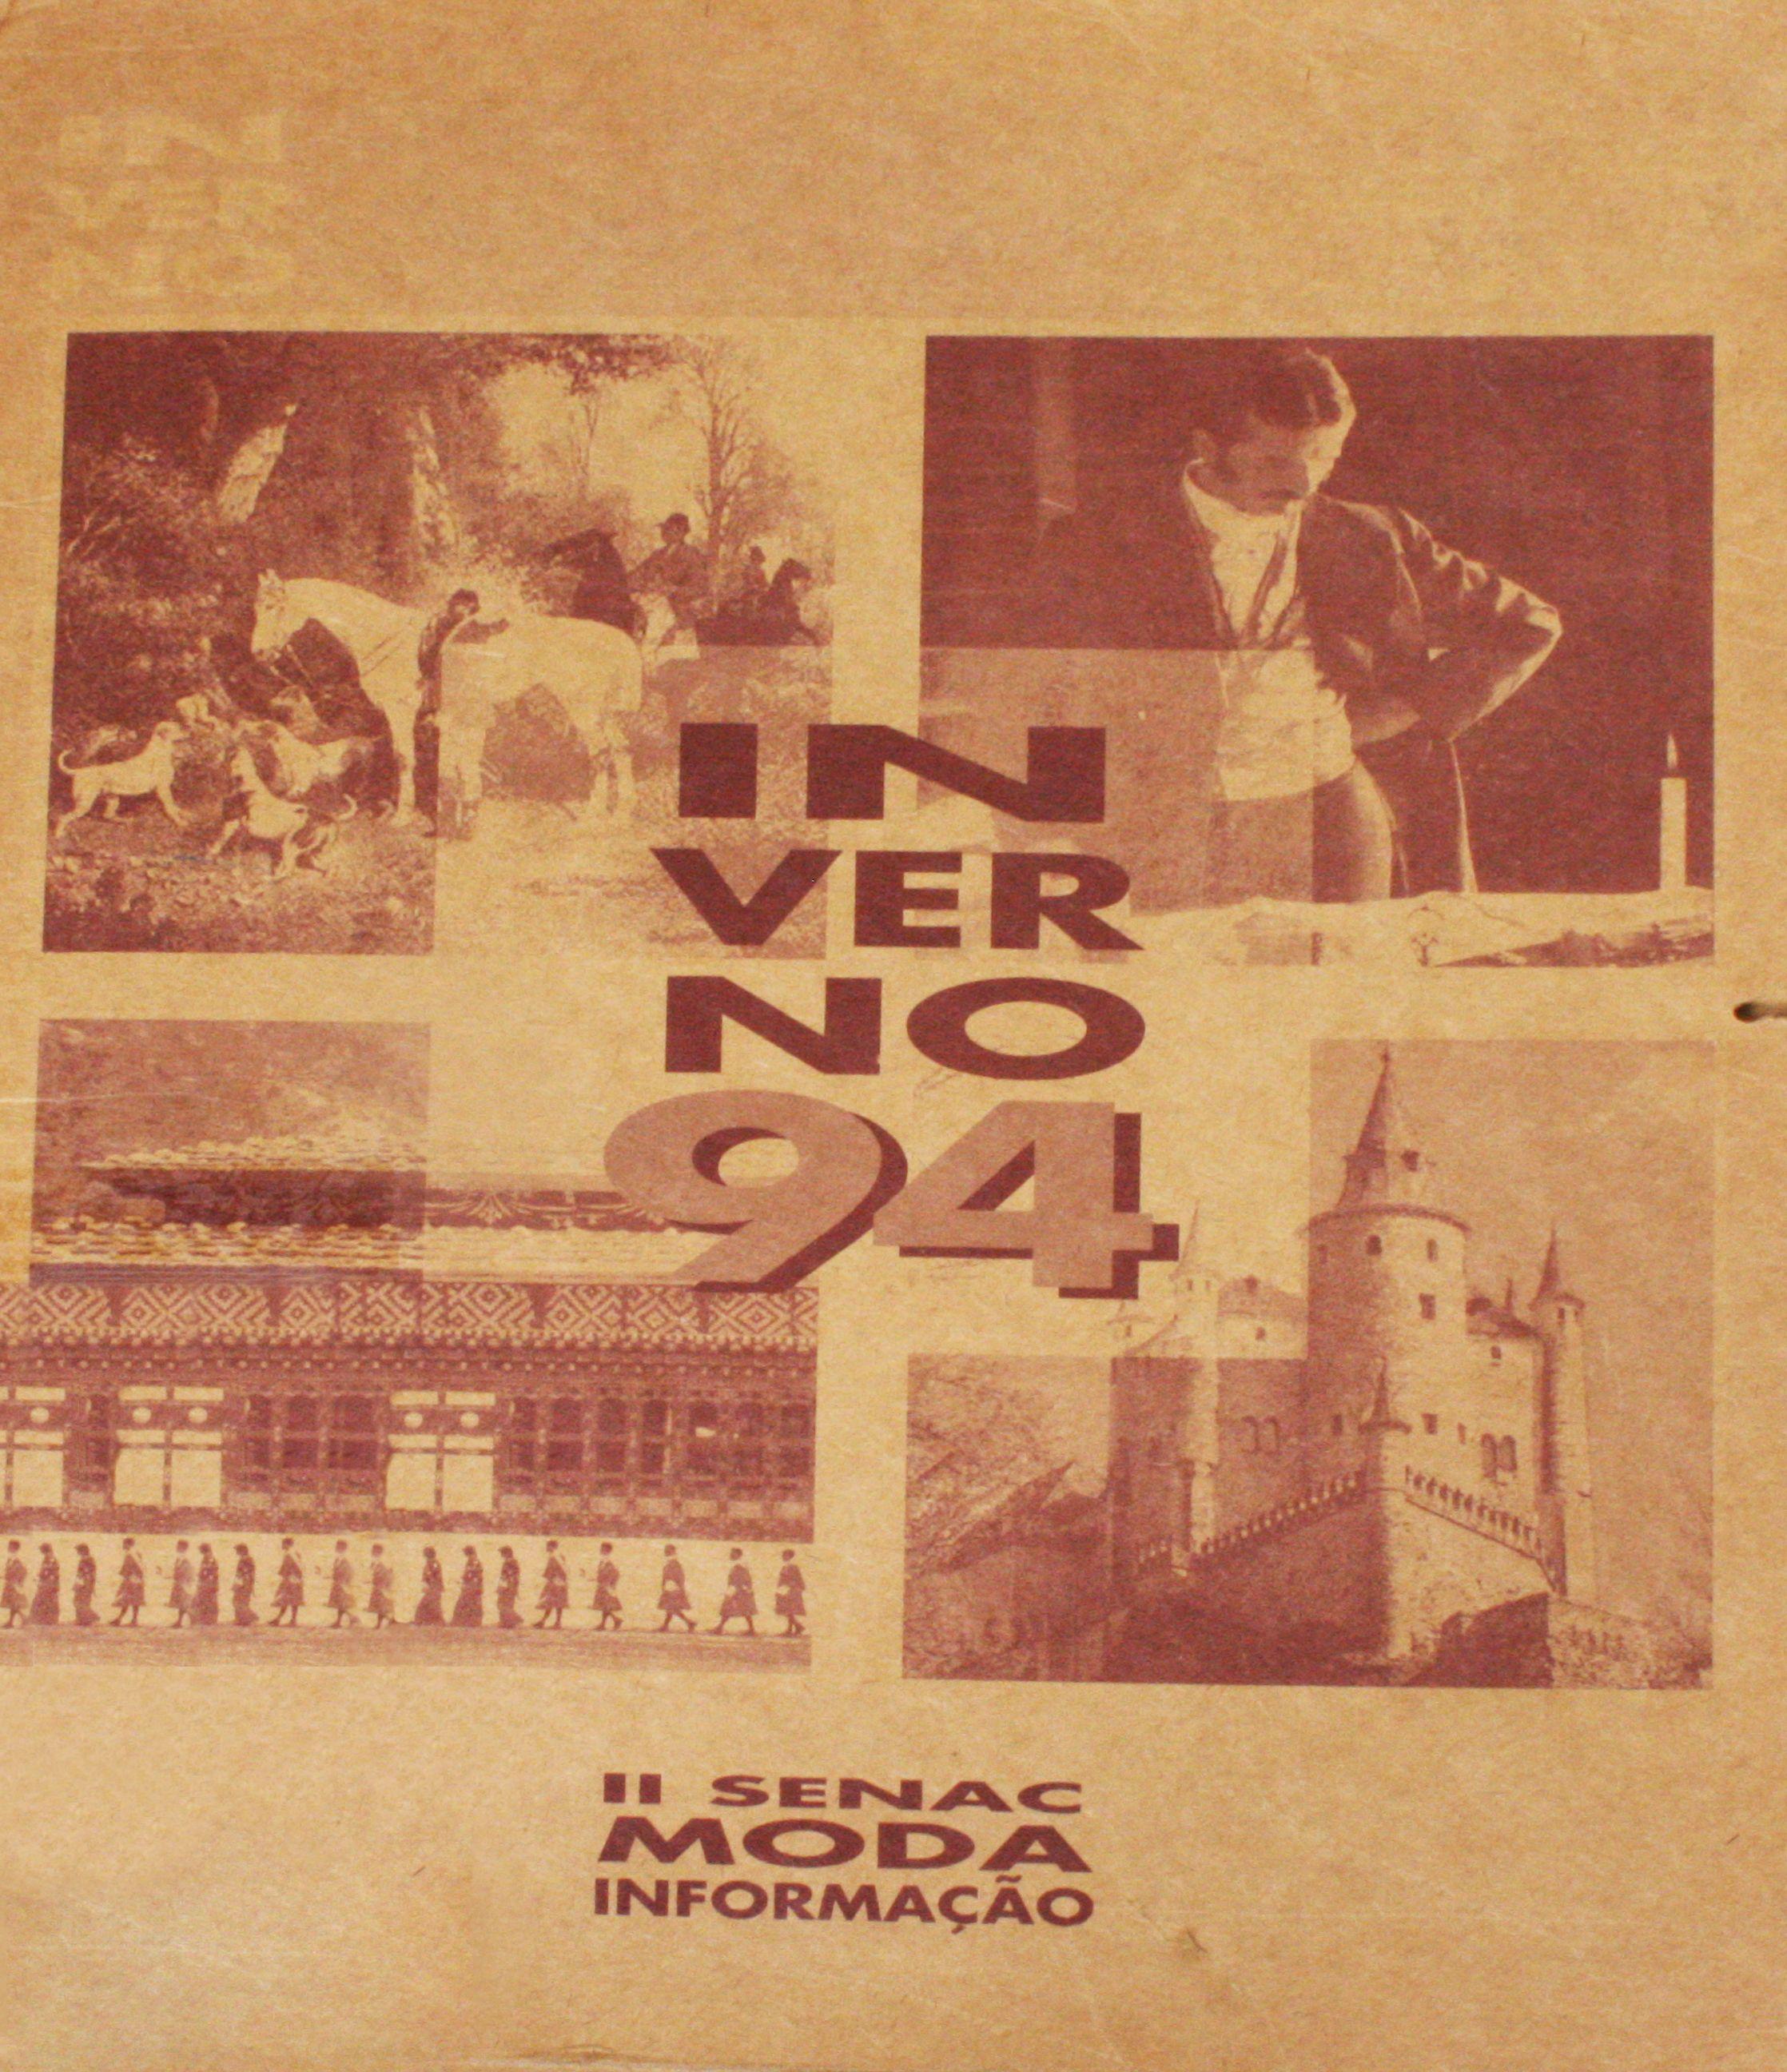 Senac Moda Informação - Inverno 1994